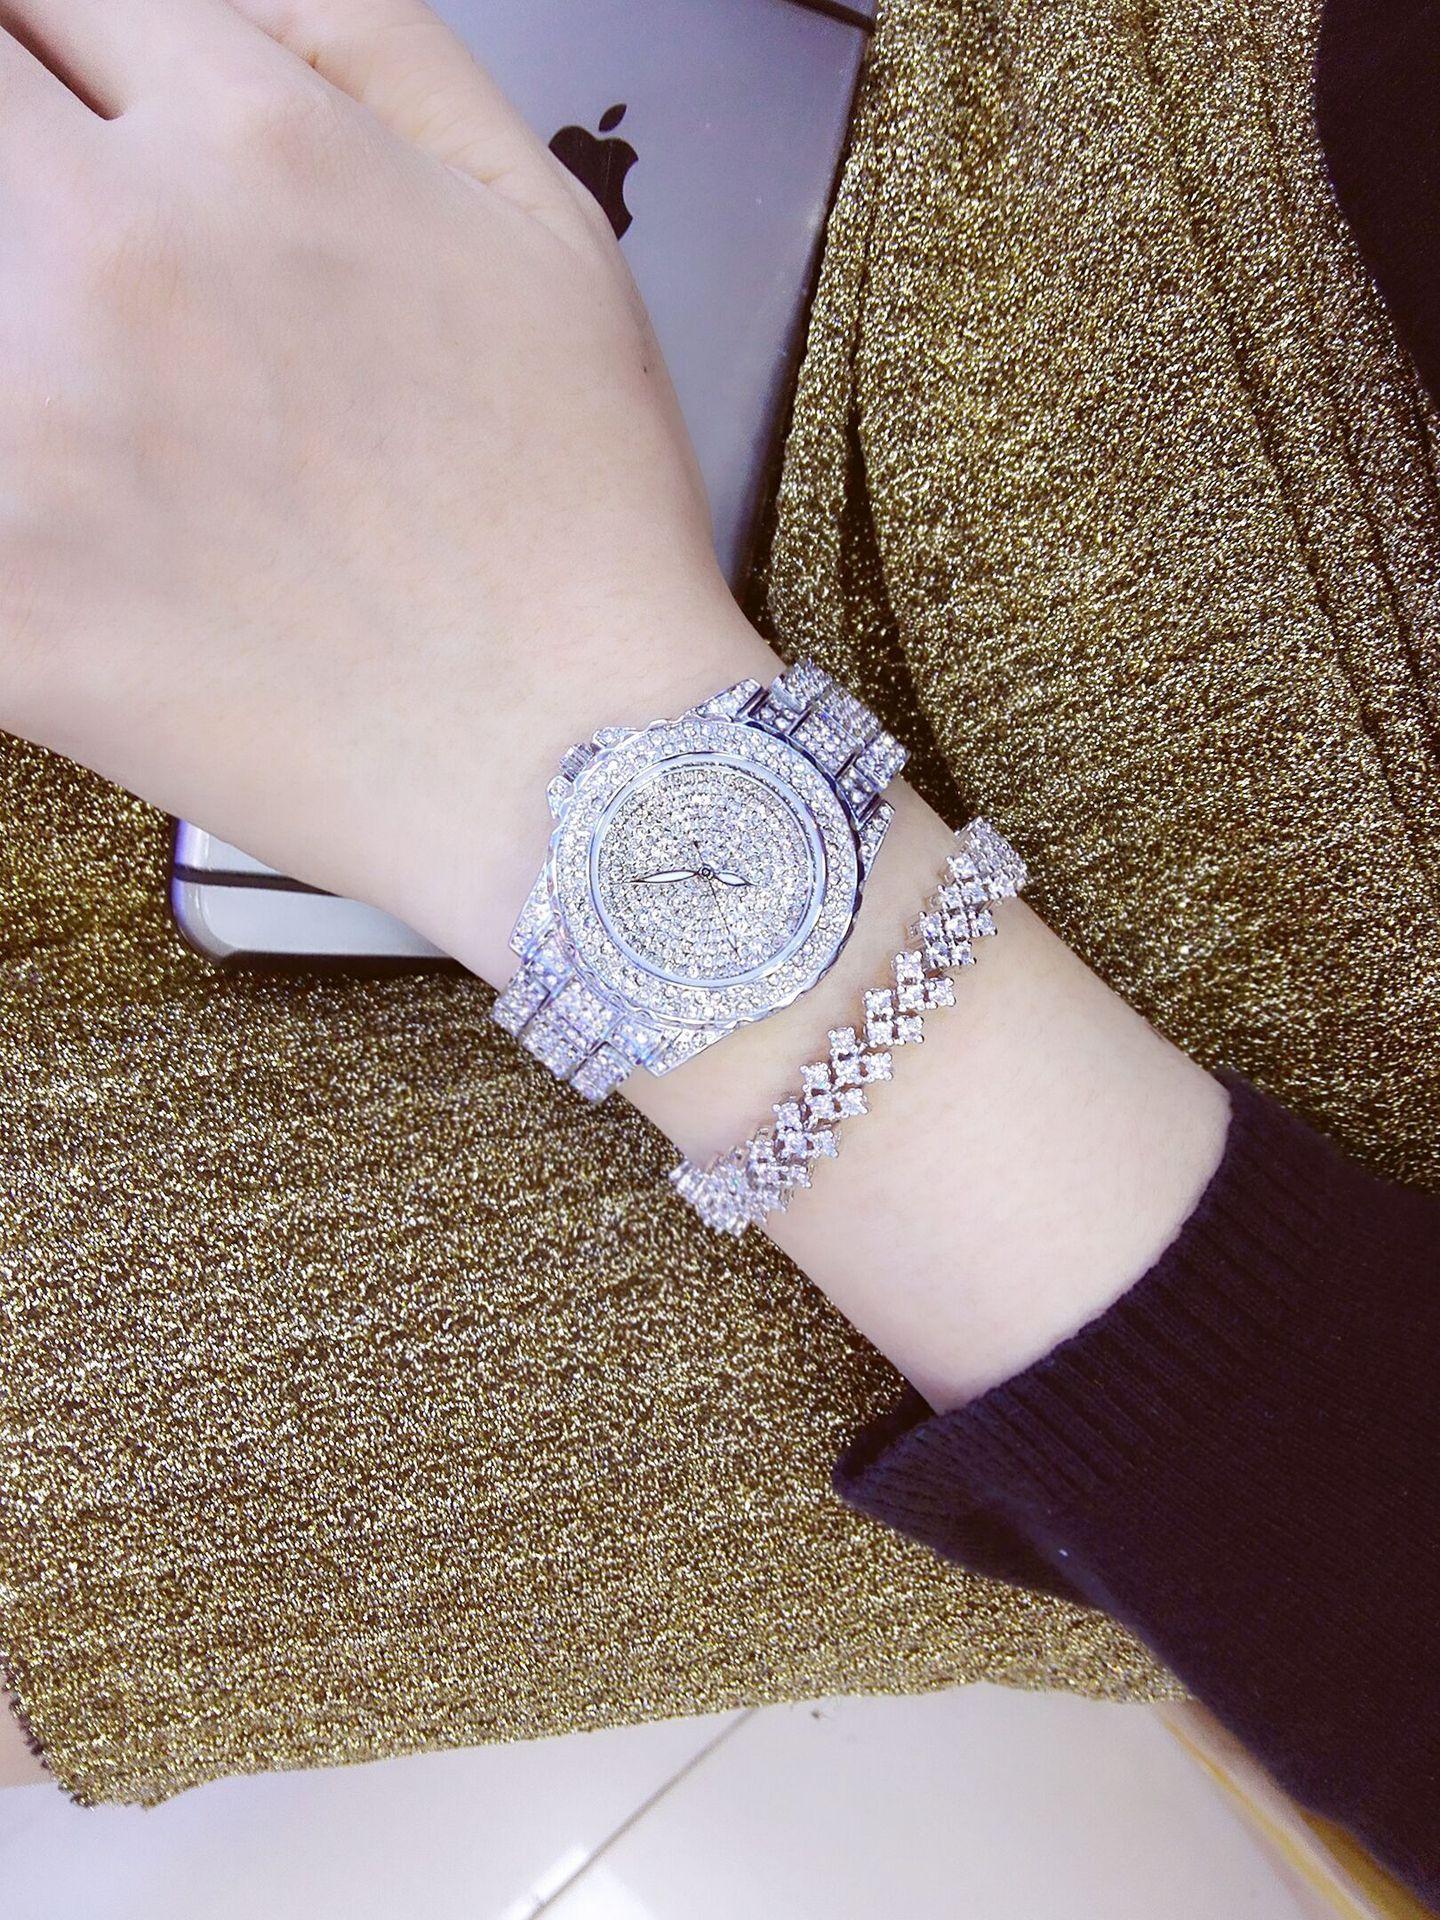 2018 New Luxury Women Watches Rhinestone Crystal Wristwatch Lady Dress Watch Men's Luxury Analog Quartz Watches Clocks Relogio new arrival luxury women watches rhinestone ceramic crystal quartz watches lady dress watch free shipping